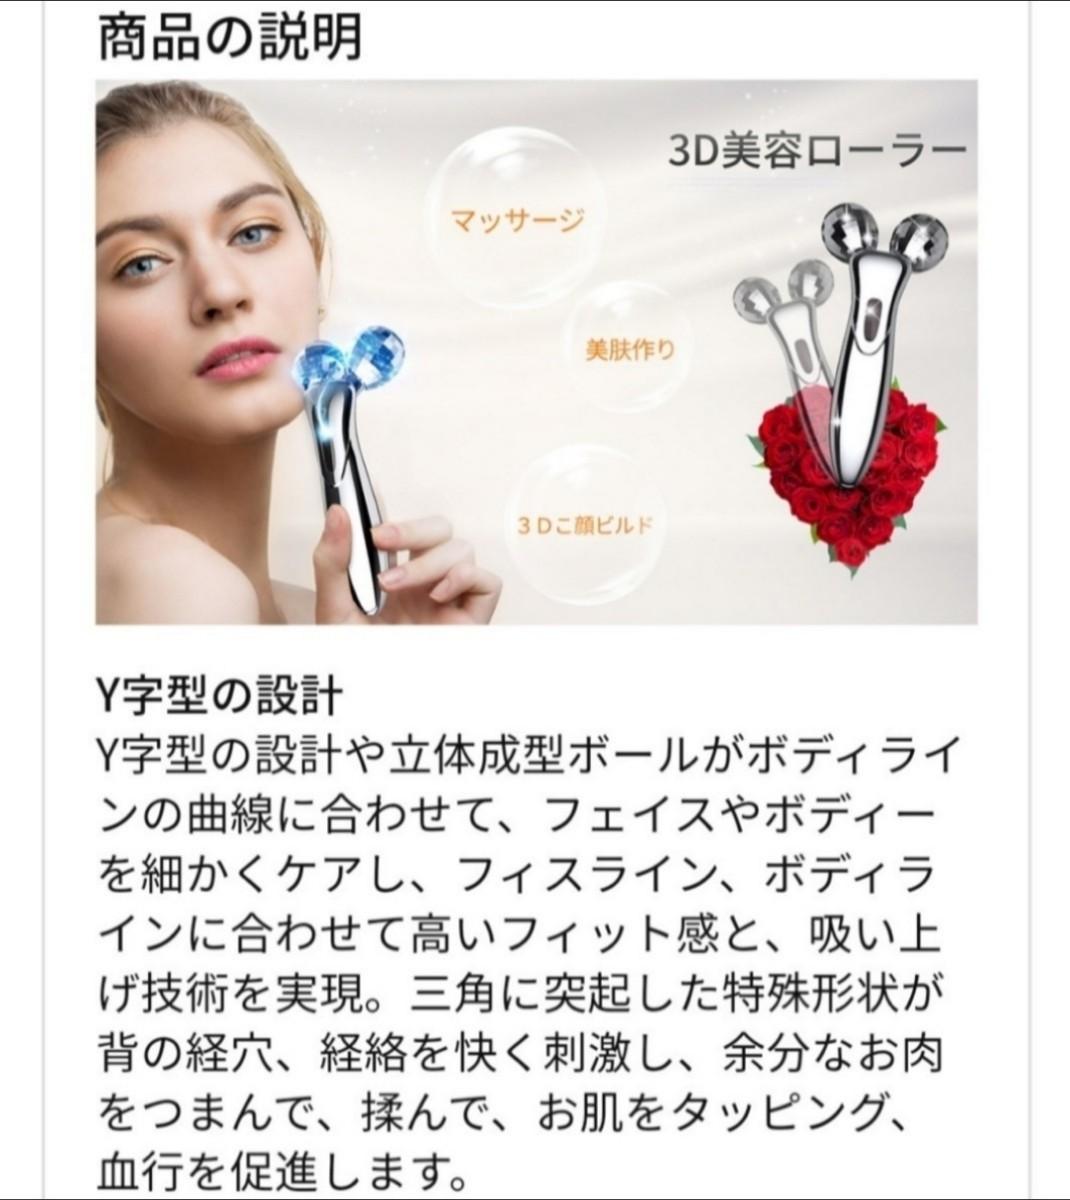 新品未開封【2019最新版】美顔器 美顔ローラー 3D 防水 マイクロカレント